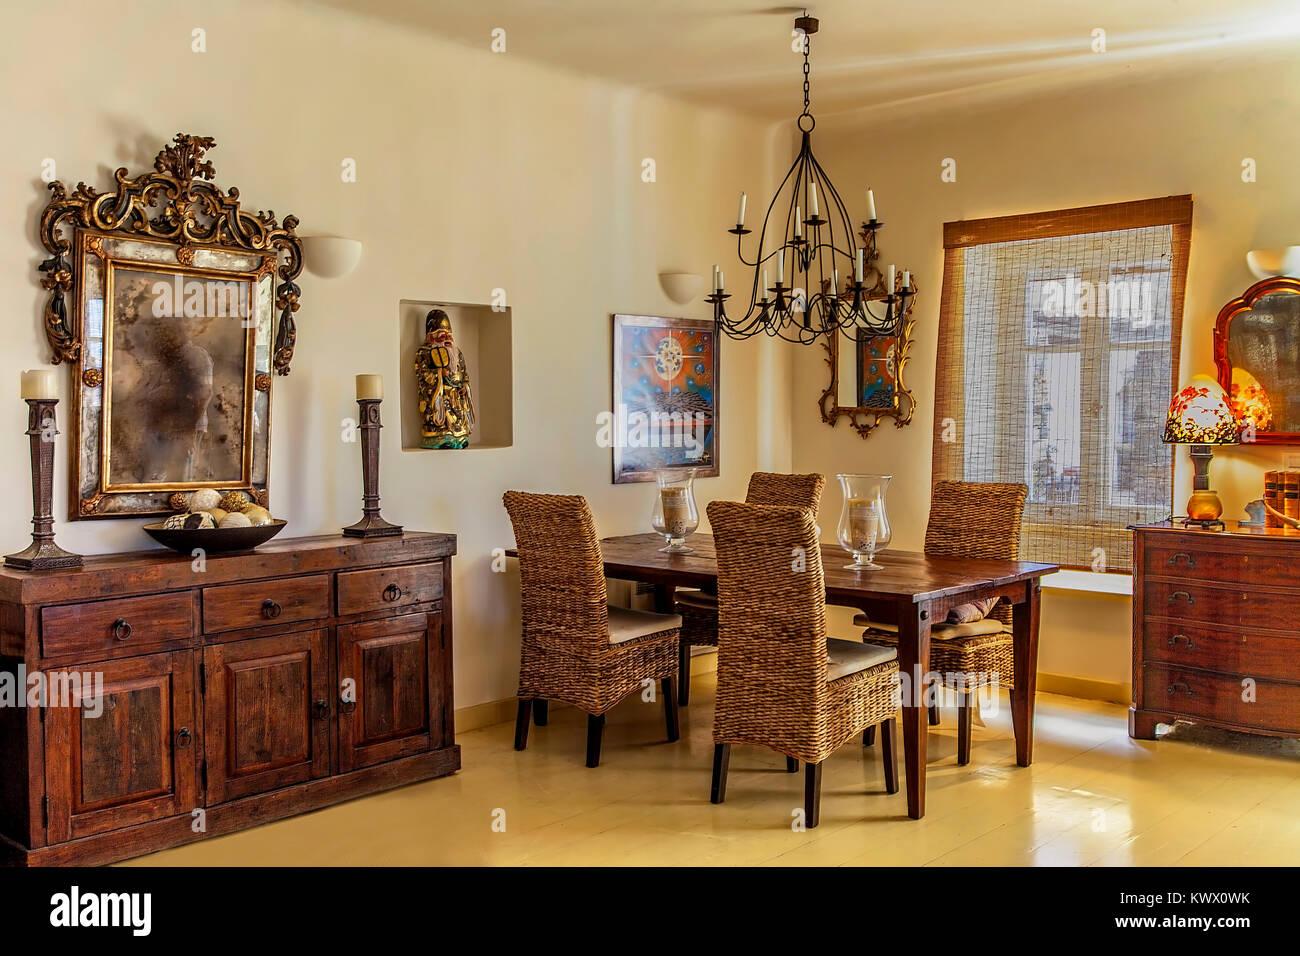 Salle à Manger . Design intérieur moderne d'une île grecque maison avec la combinaison de l'élégance moderne de l'ancien. Banque D'Images